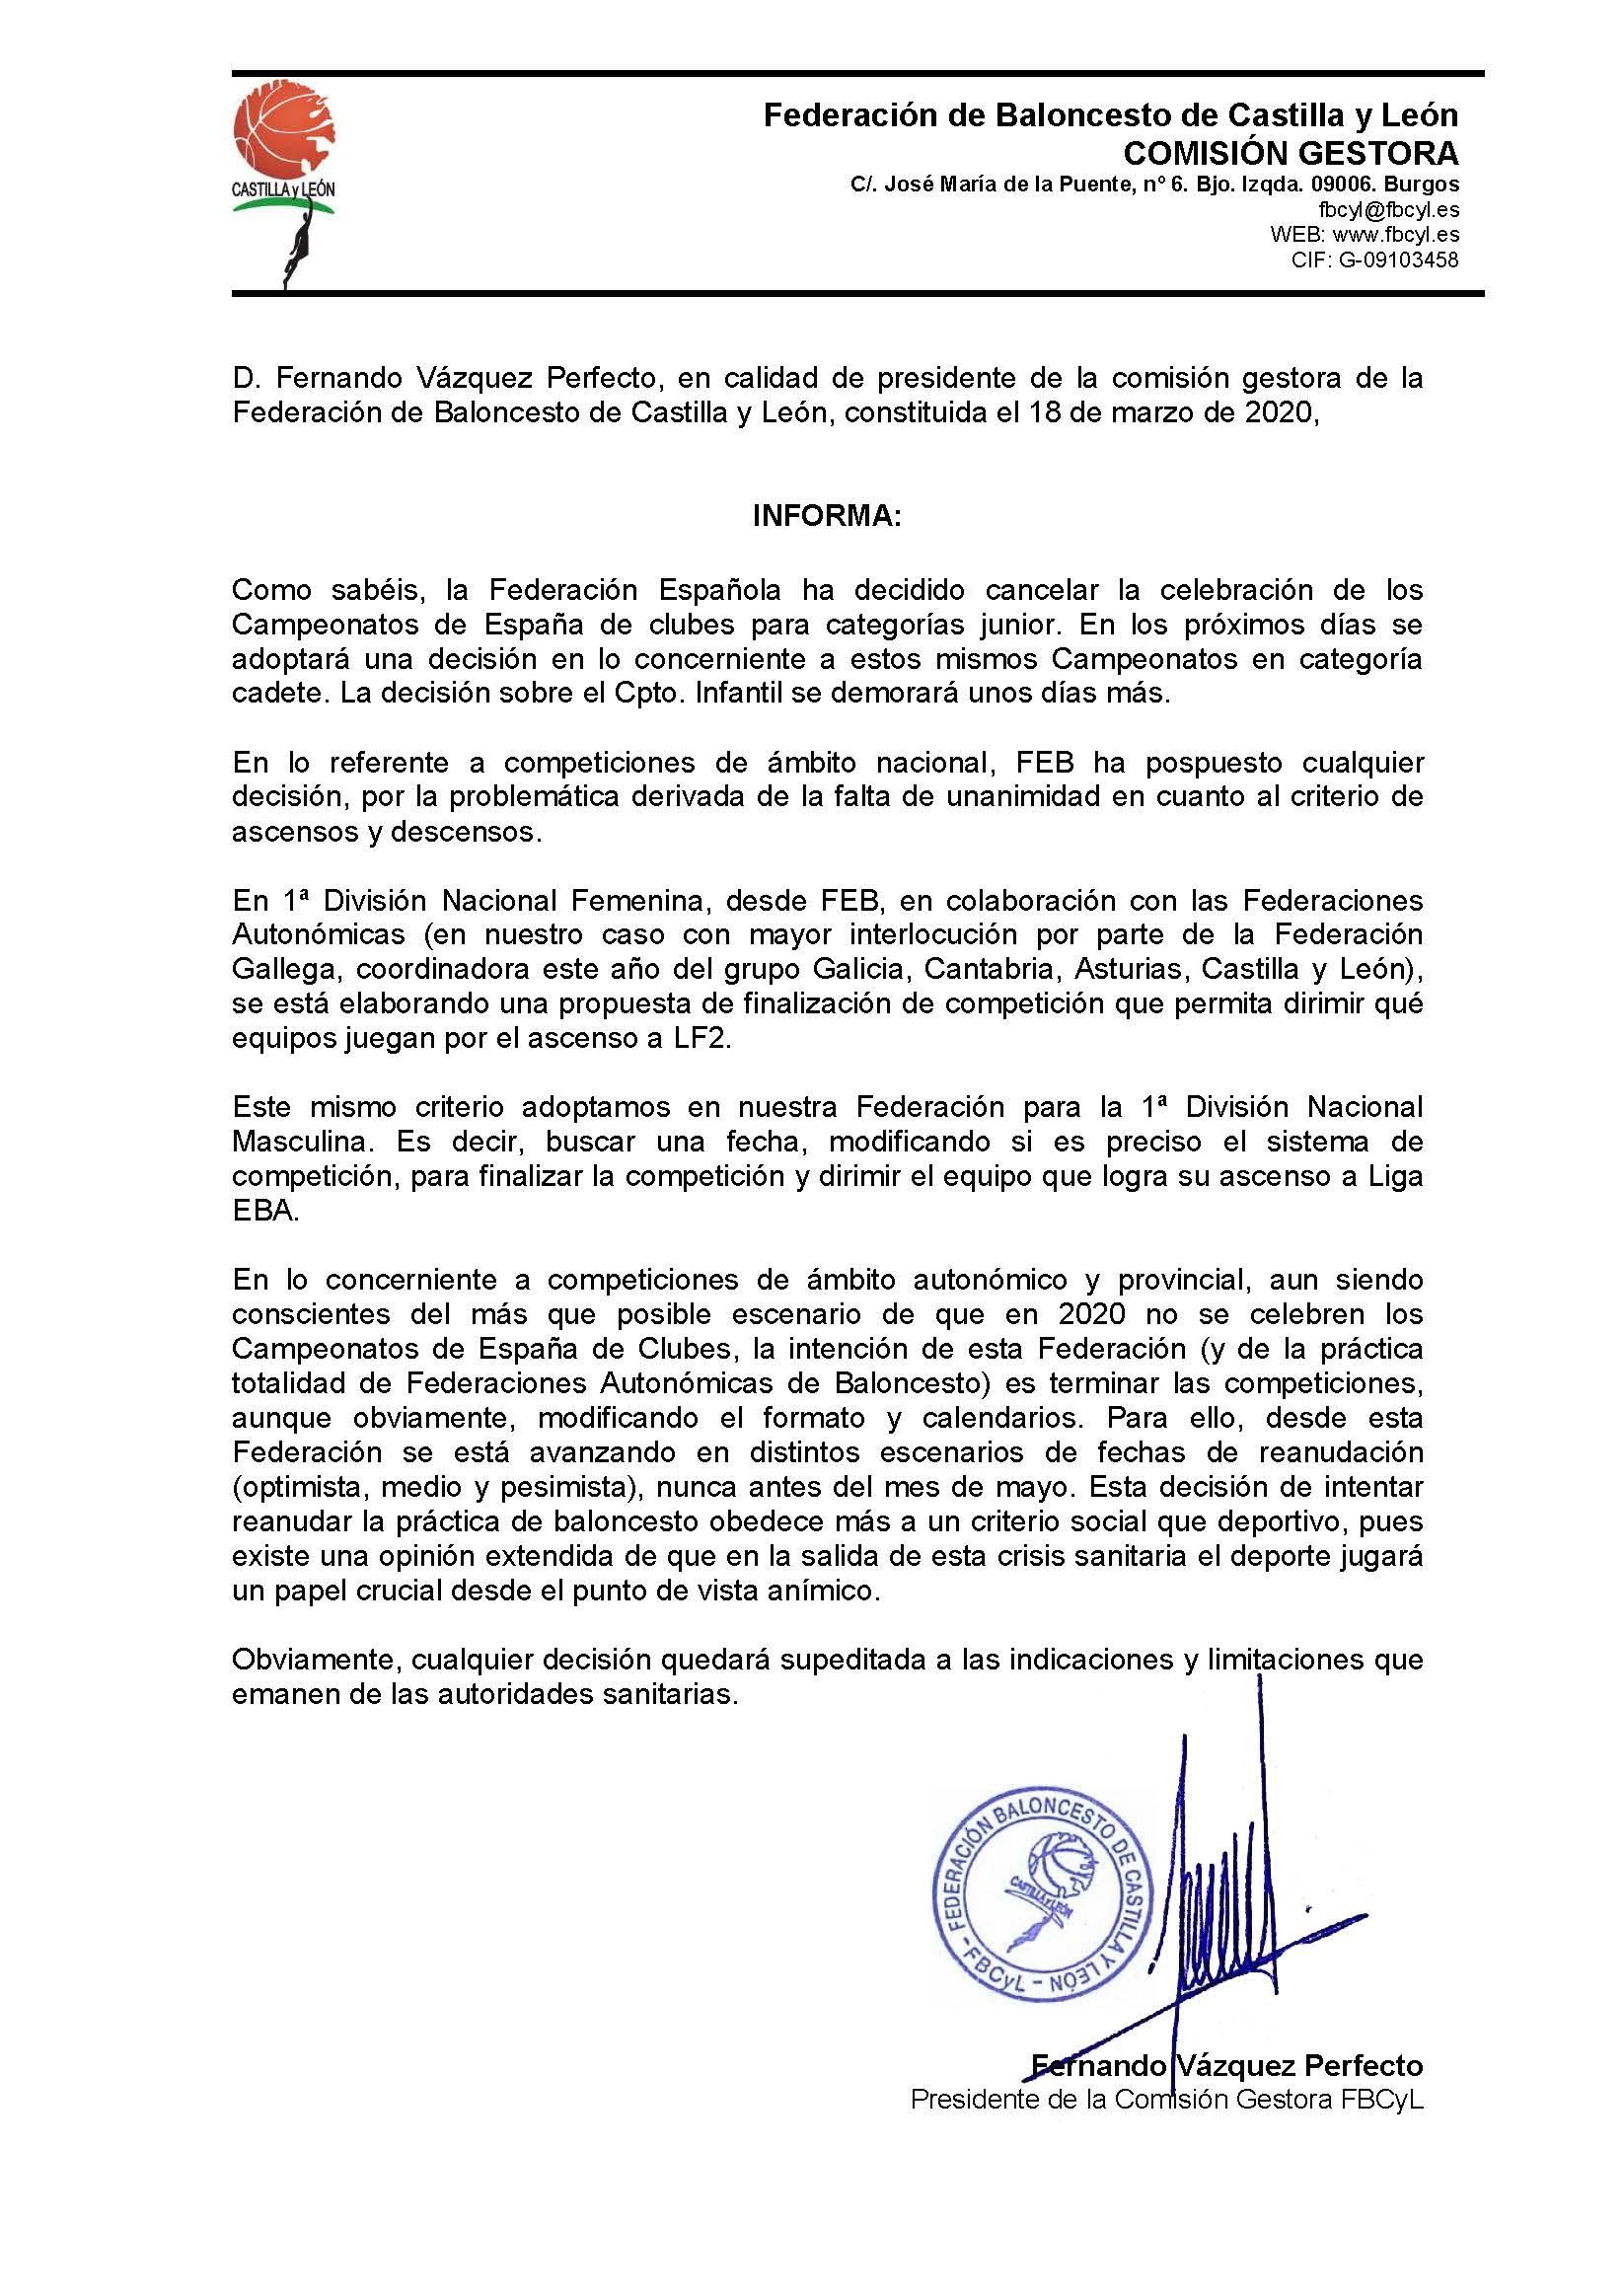 COMUNICADO DE LA FEDERACIÓN DE BALONCESTO DE CASTILLA Y LEON. EL CSB PENDIENTE DE LA FEDERACION PARA LA FINALIZACION DE LAS COMPETICIONES